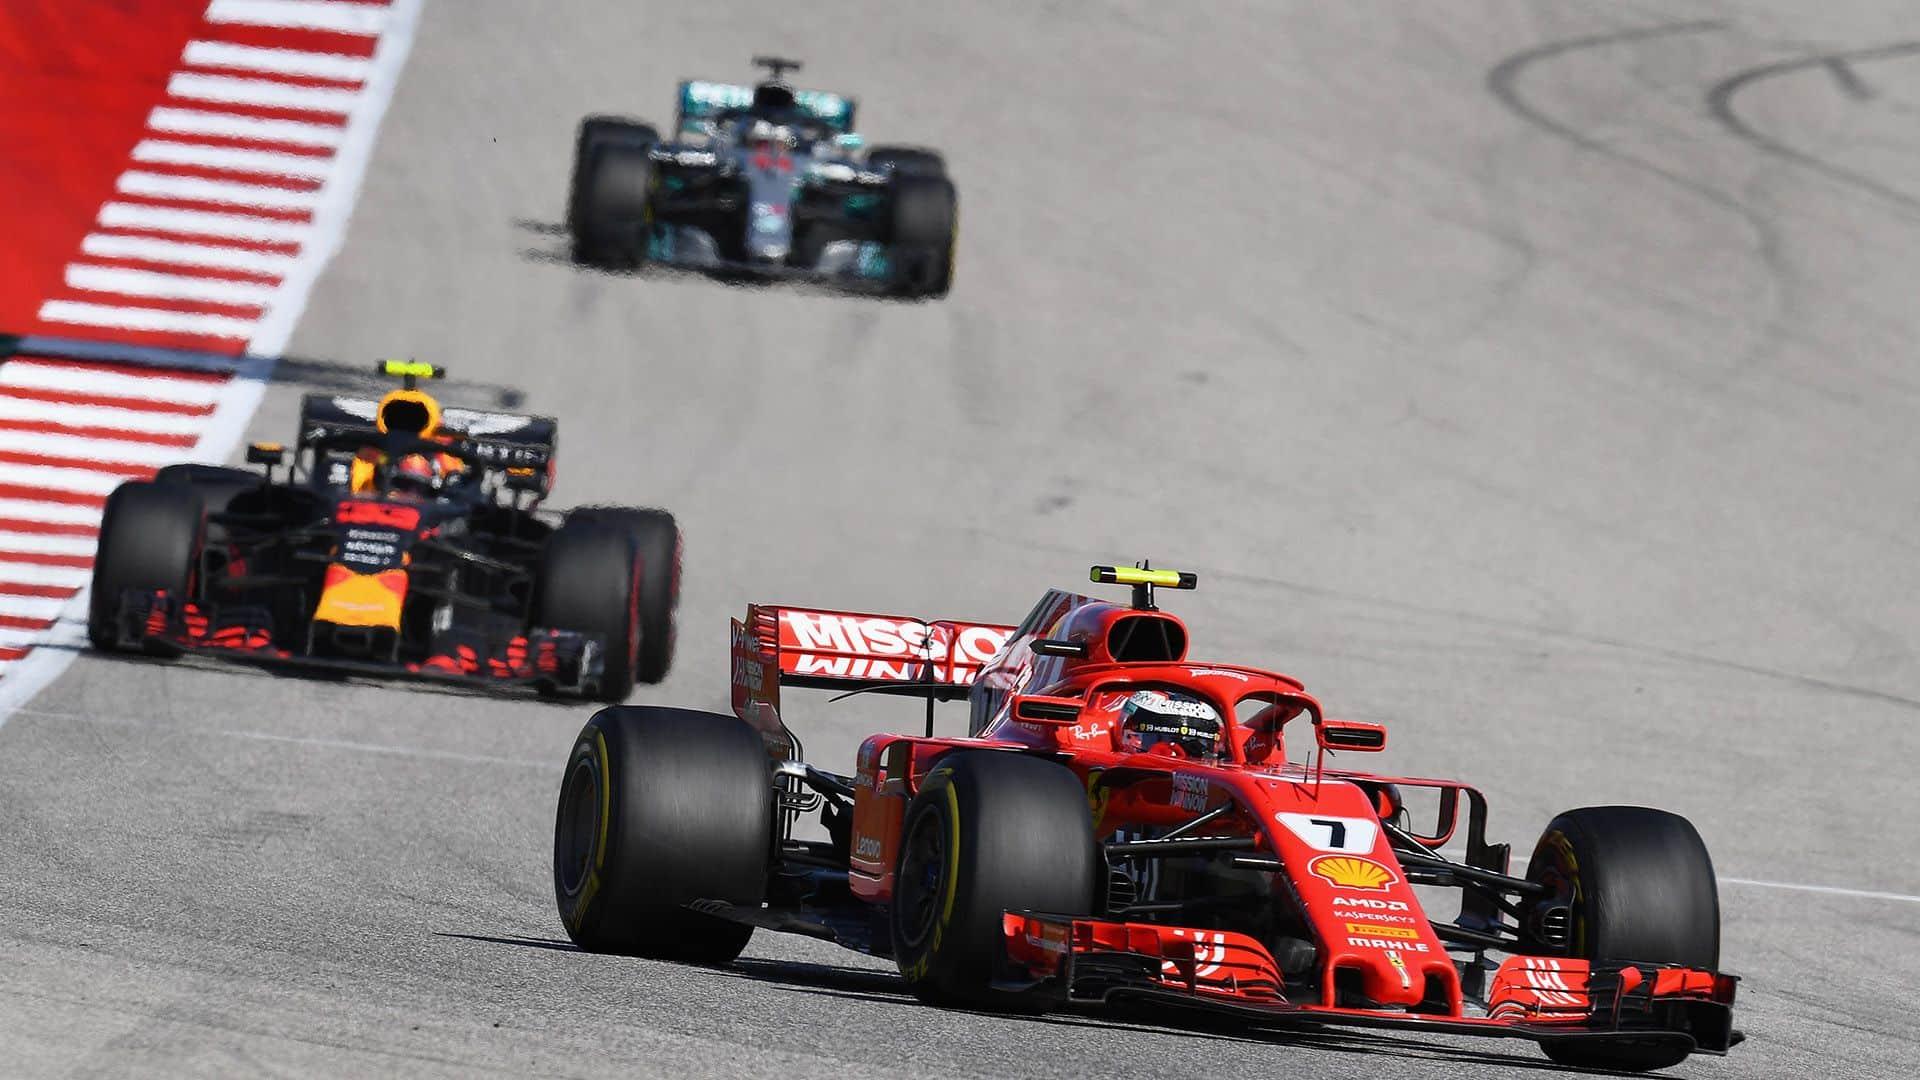 Vietnam Grand Prix 2021